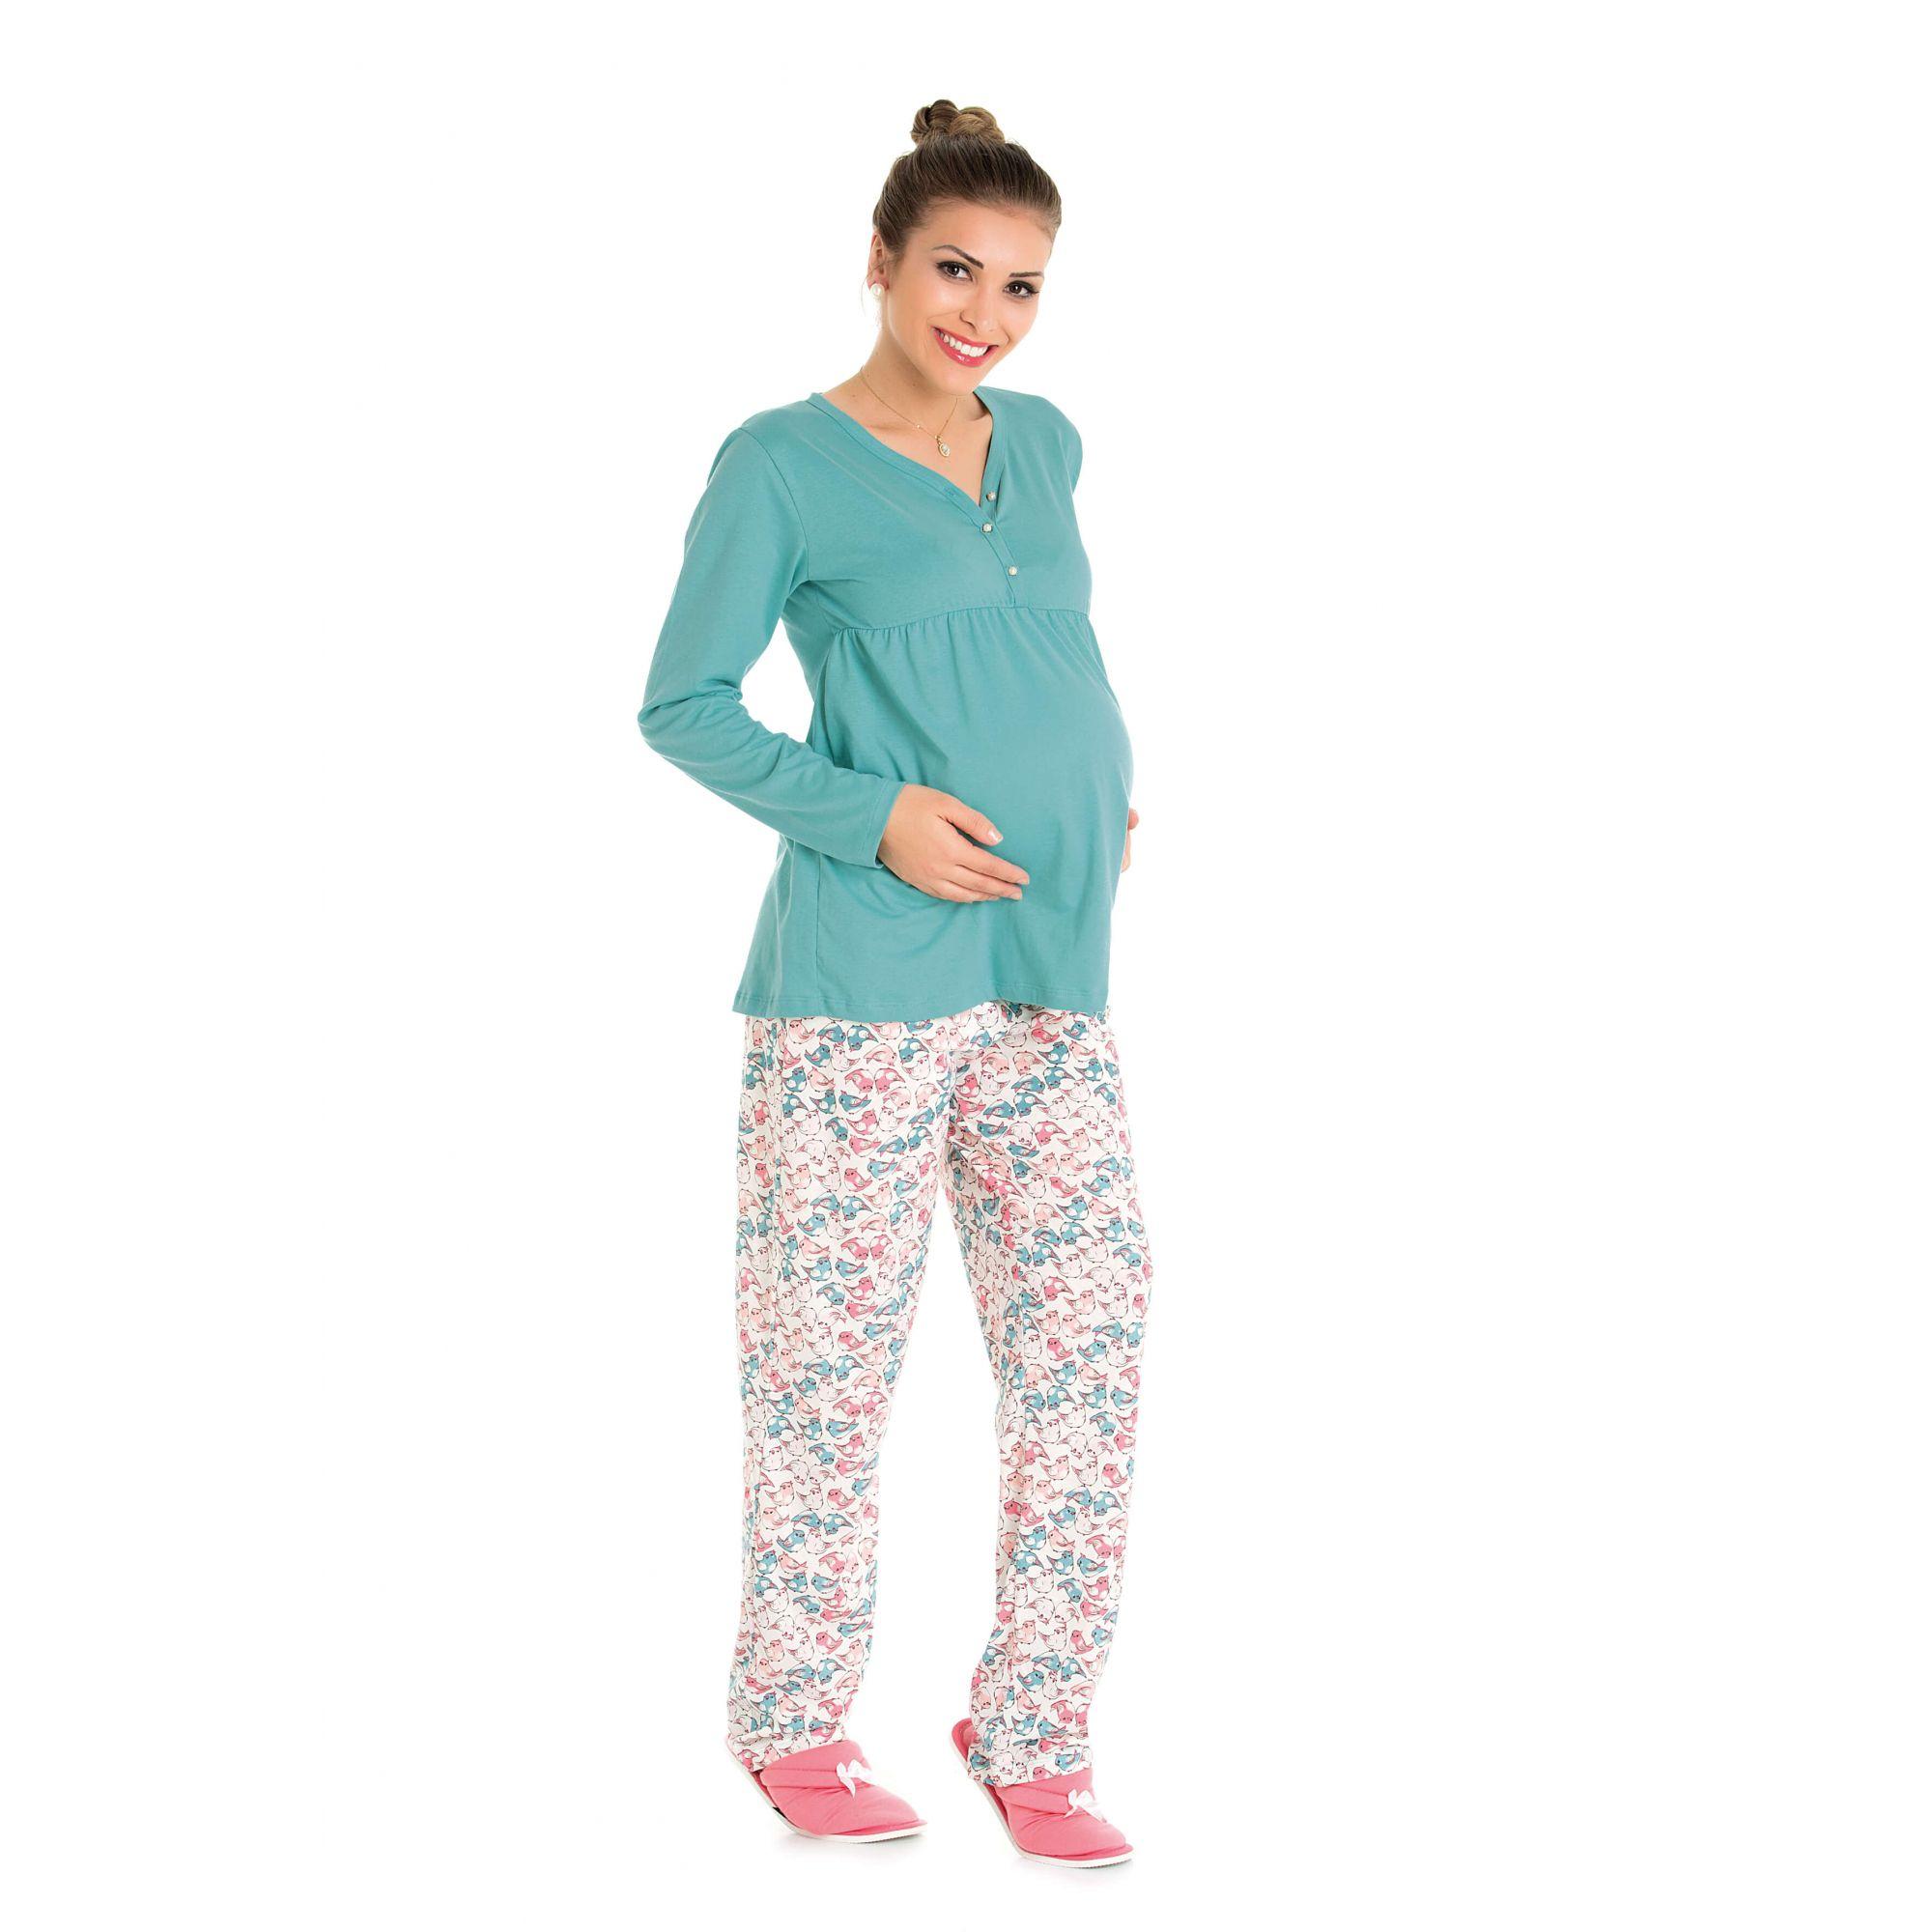 Pijama Maternidade Estampado